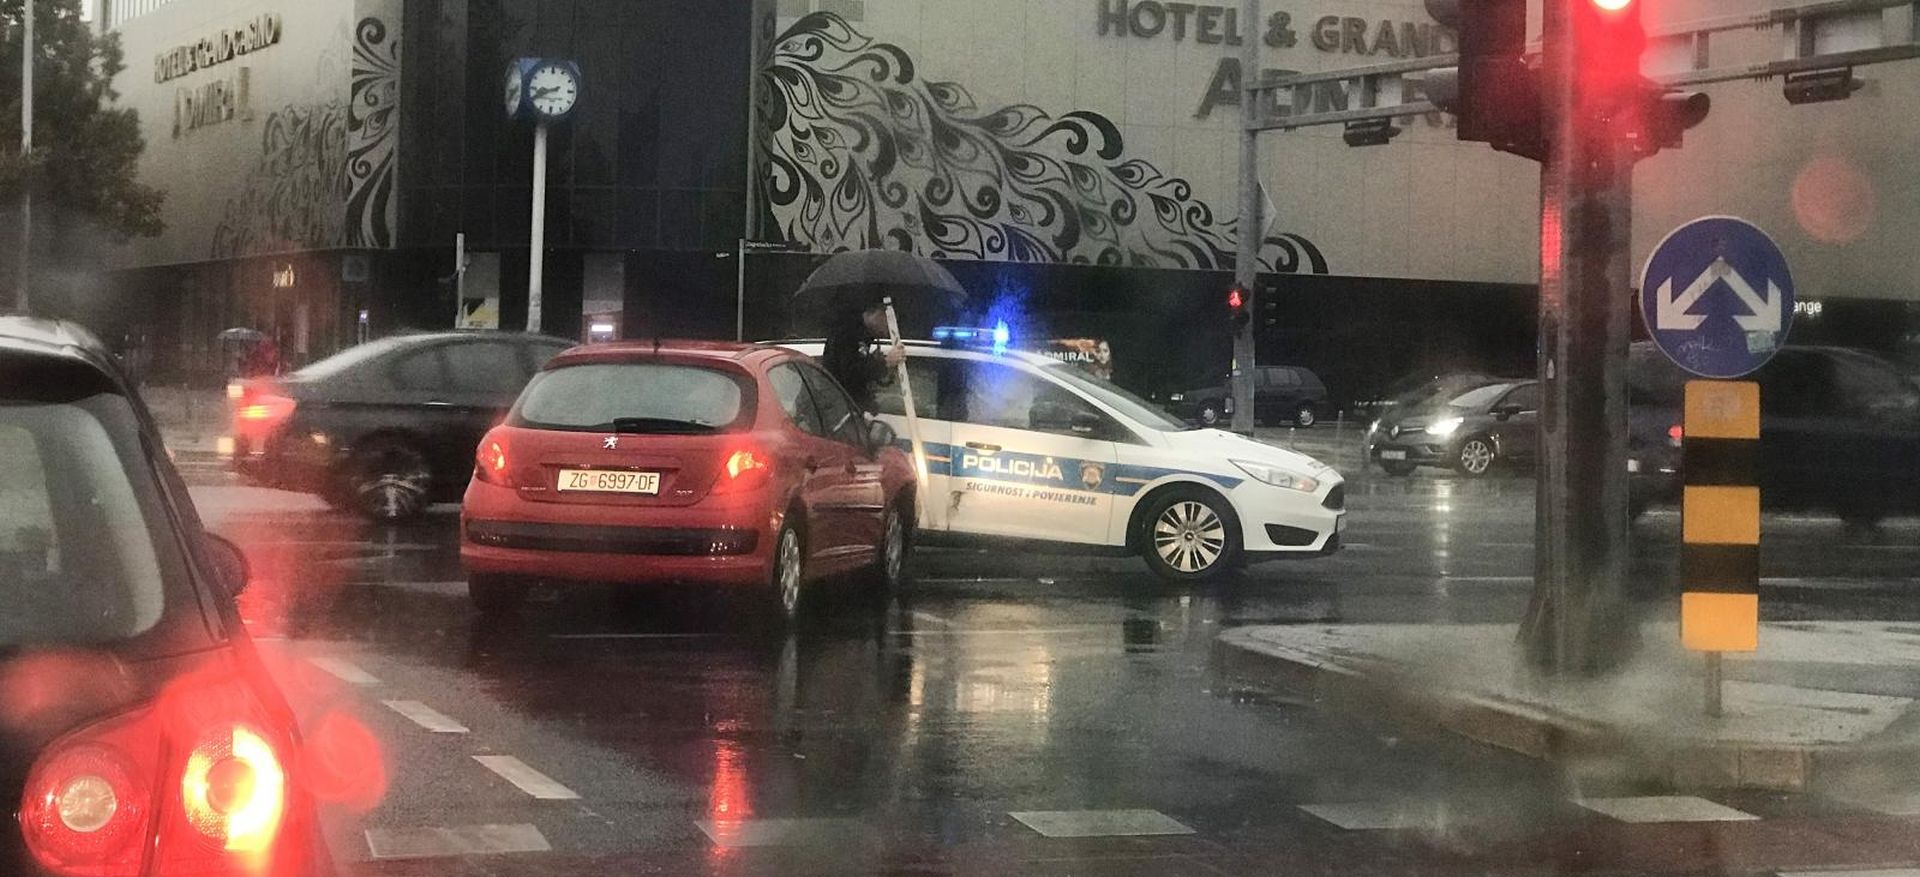 PROMETNA KOD RUDEŠKE Osobnim automobilom zabio se u policijski auto